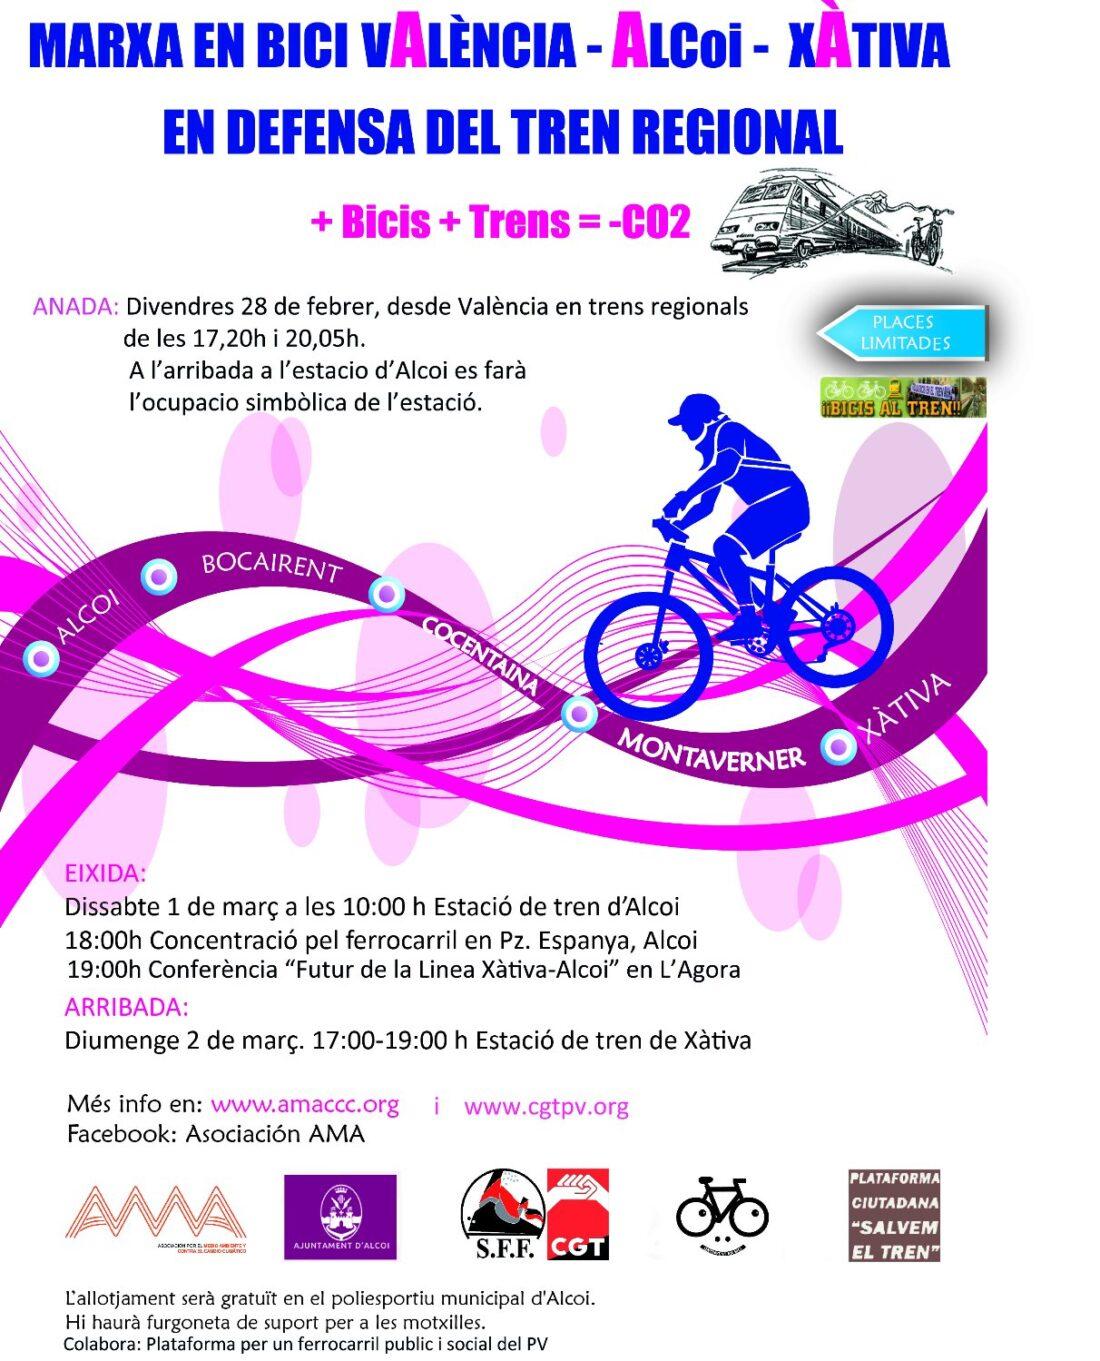 28F: Marcha en bici Valencia-Alcoi-Xàtiva en defensa del tren regional